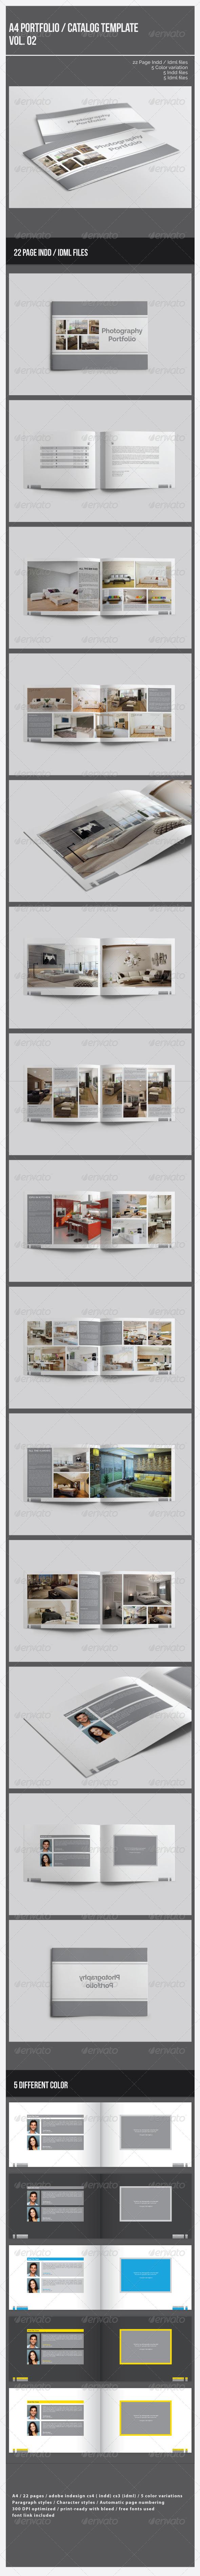 GraphicRiver A4 Portfolio Catalog Template Vol.2 7511764